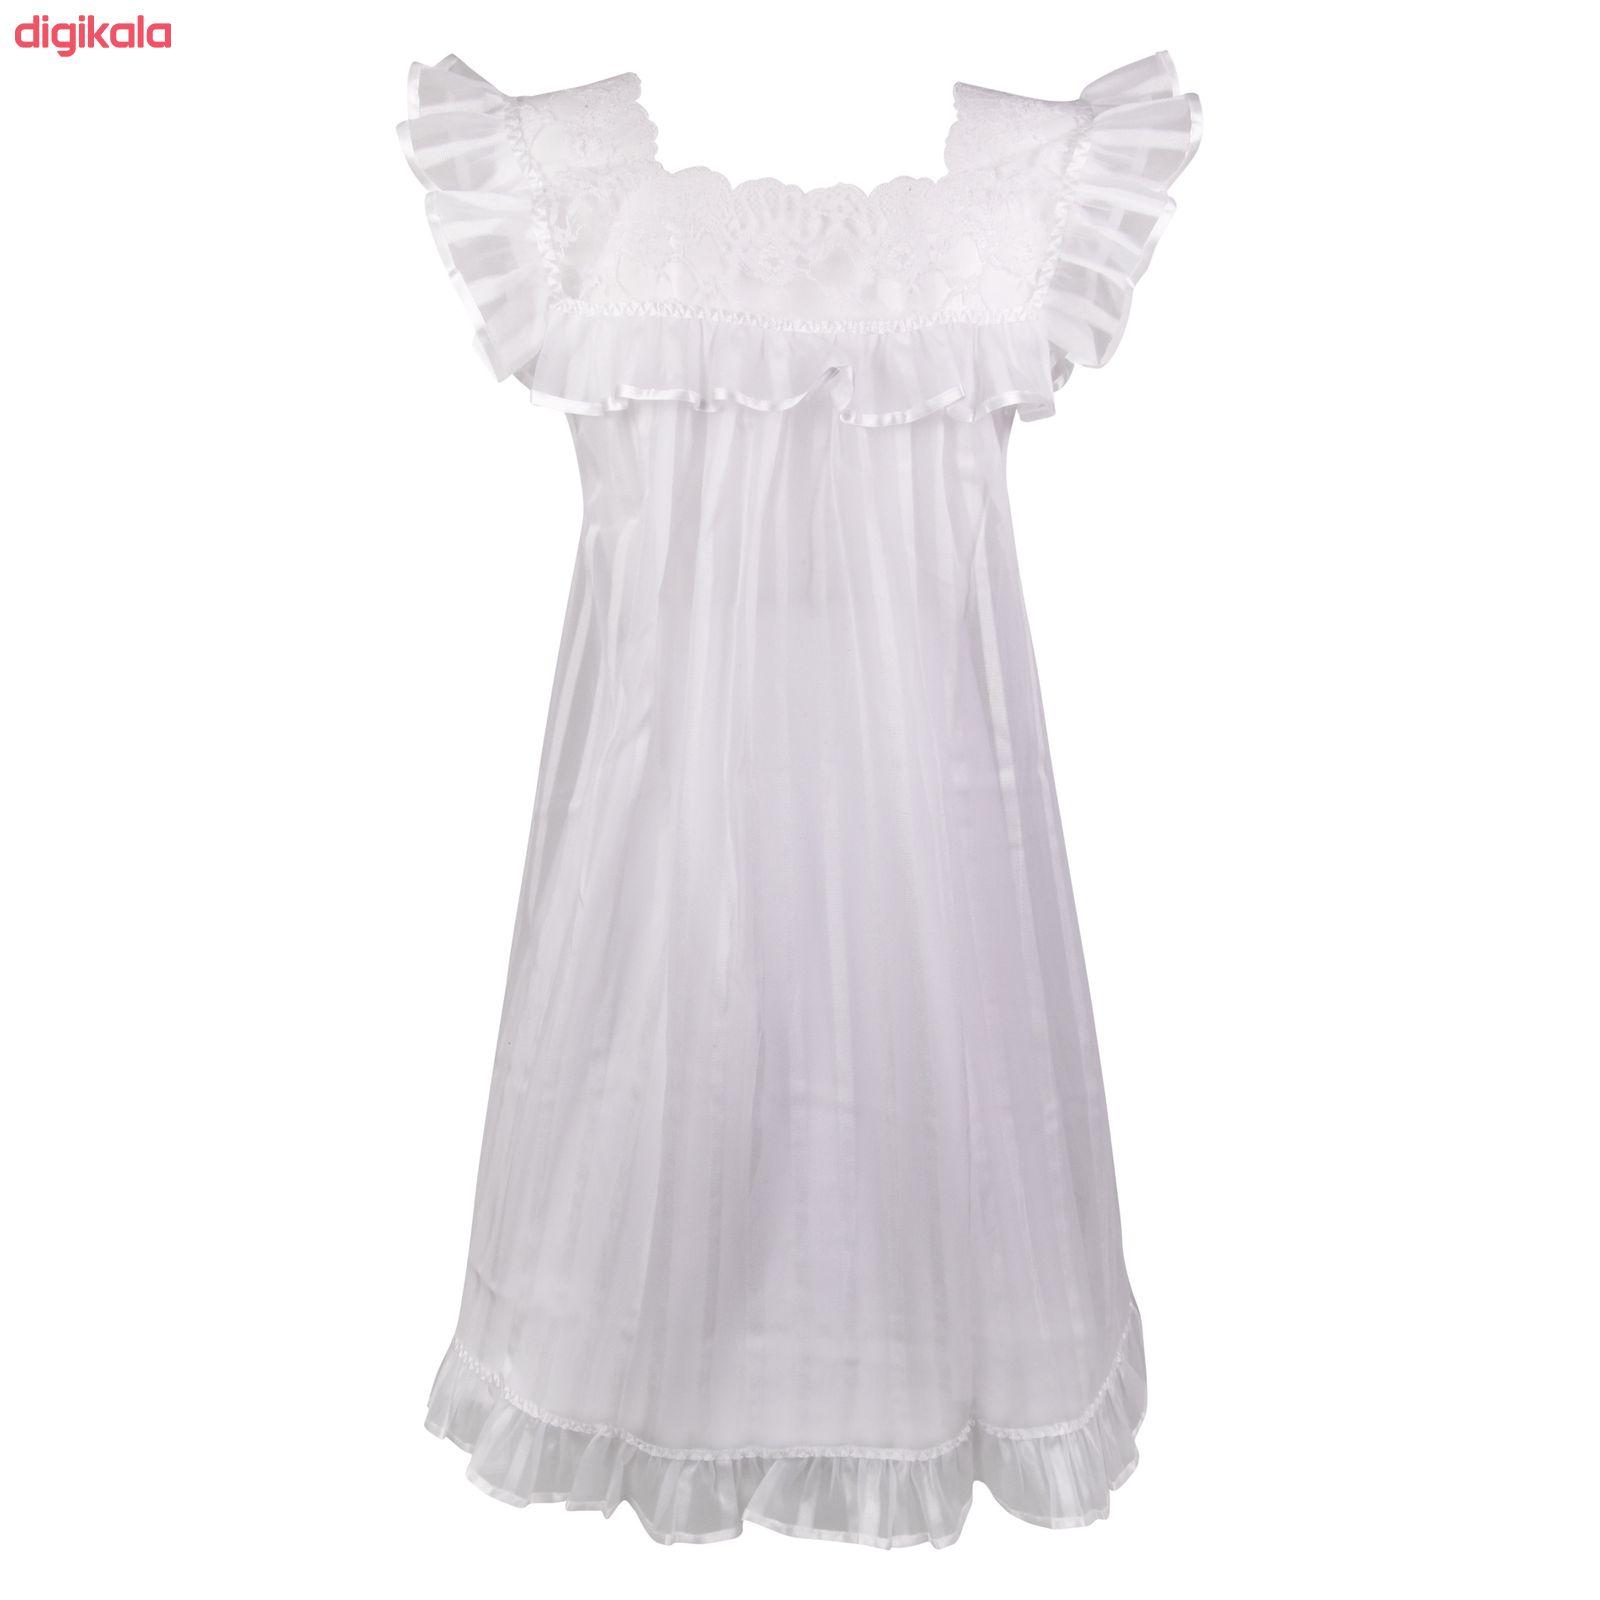 لباس خواب زنانه ماییلدا مدل 3594-1 main 1 3